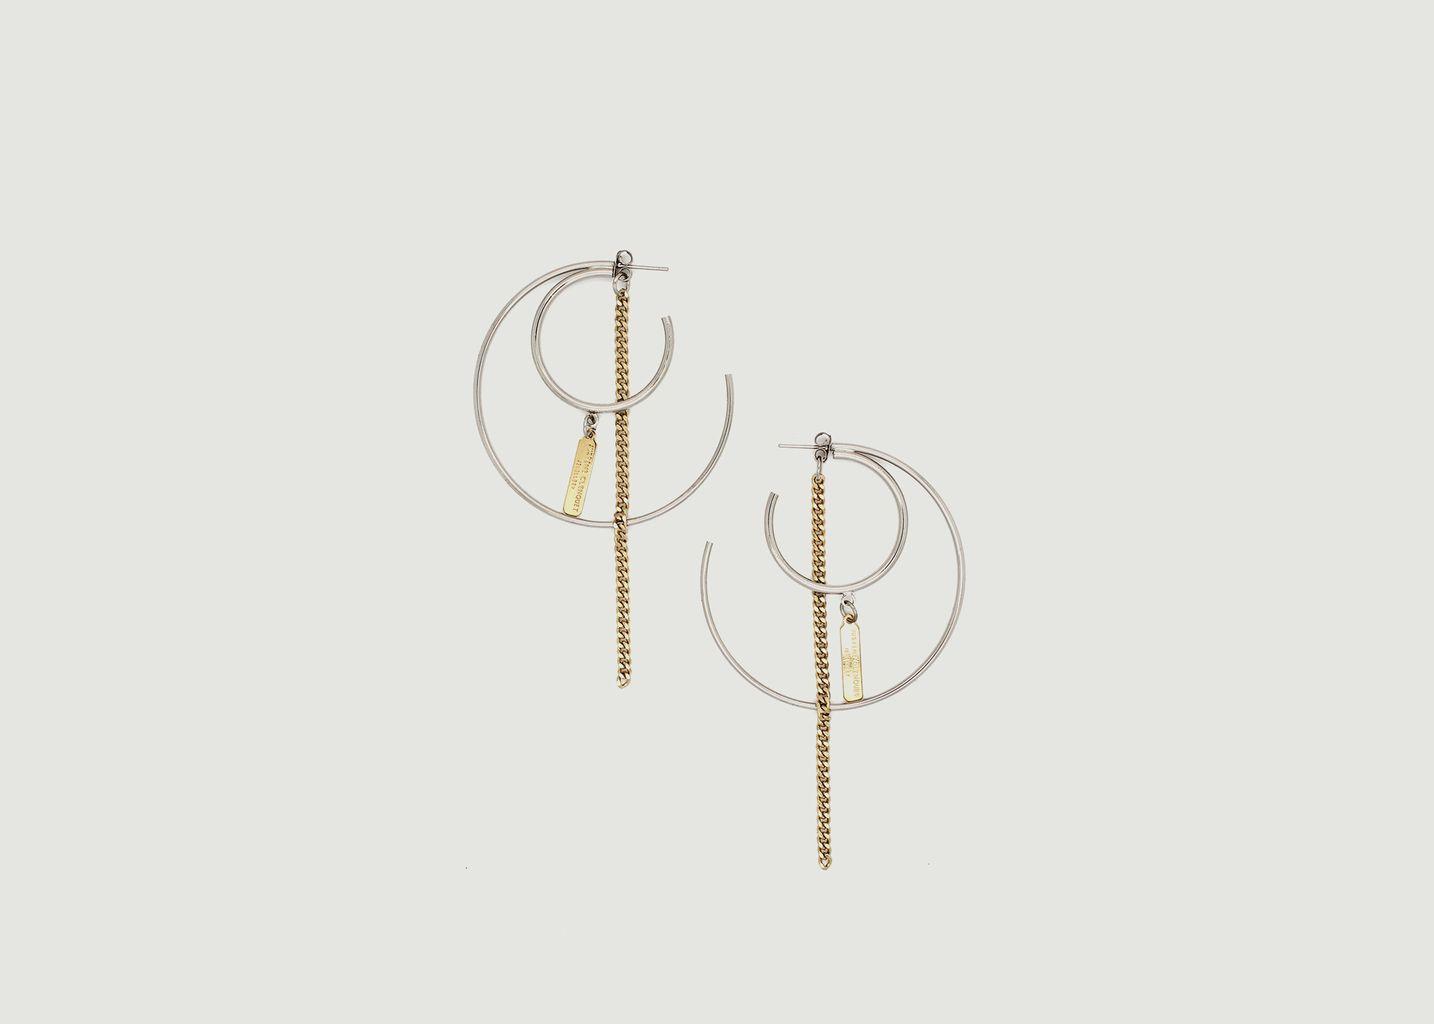 Boucles d'Oreilles Ali - Justine Clenquet